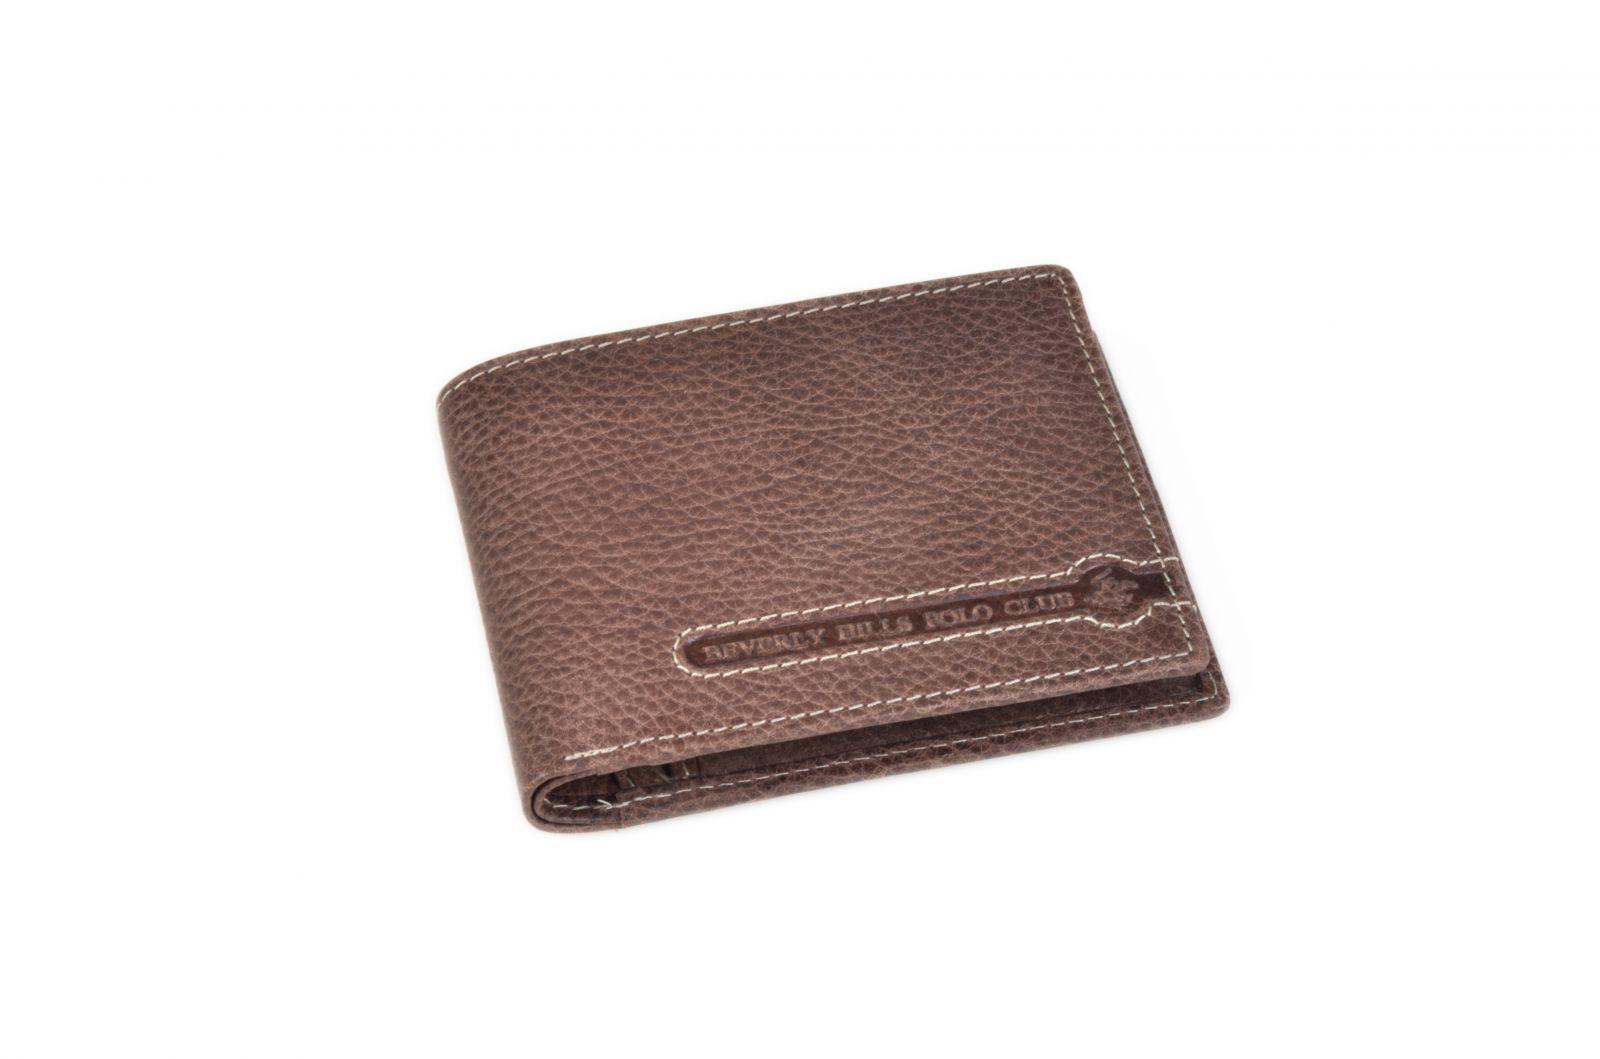 Peněženka pánská BHPC Tucson BH-394-75 tabáková v krabičce